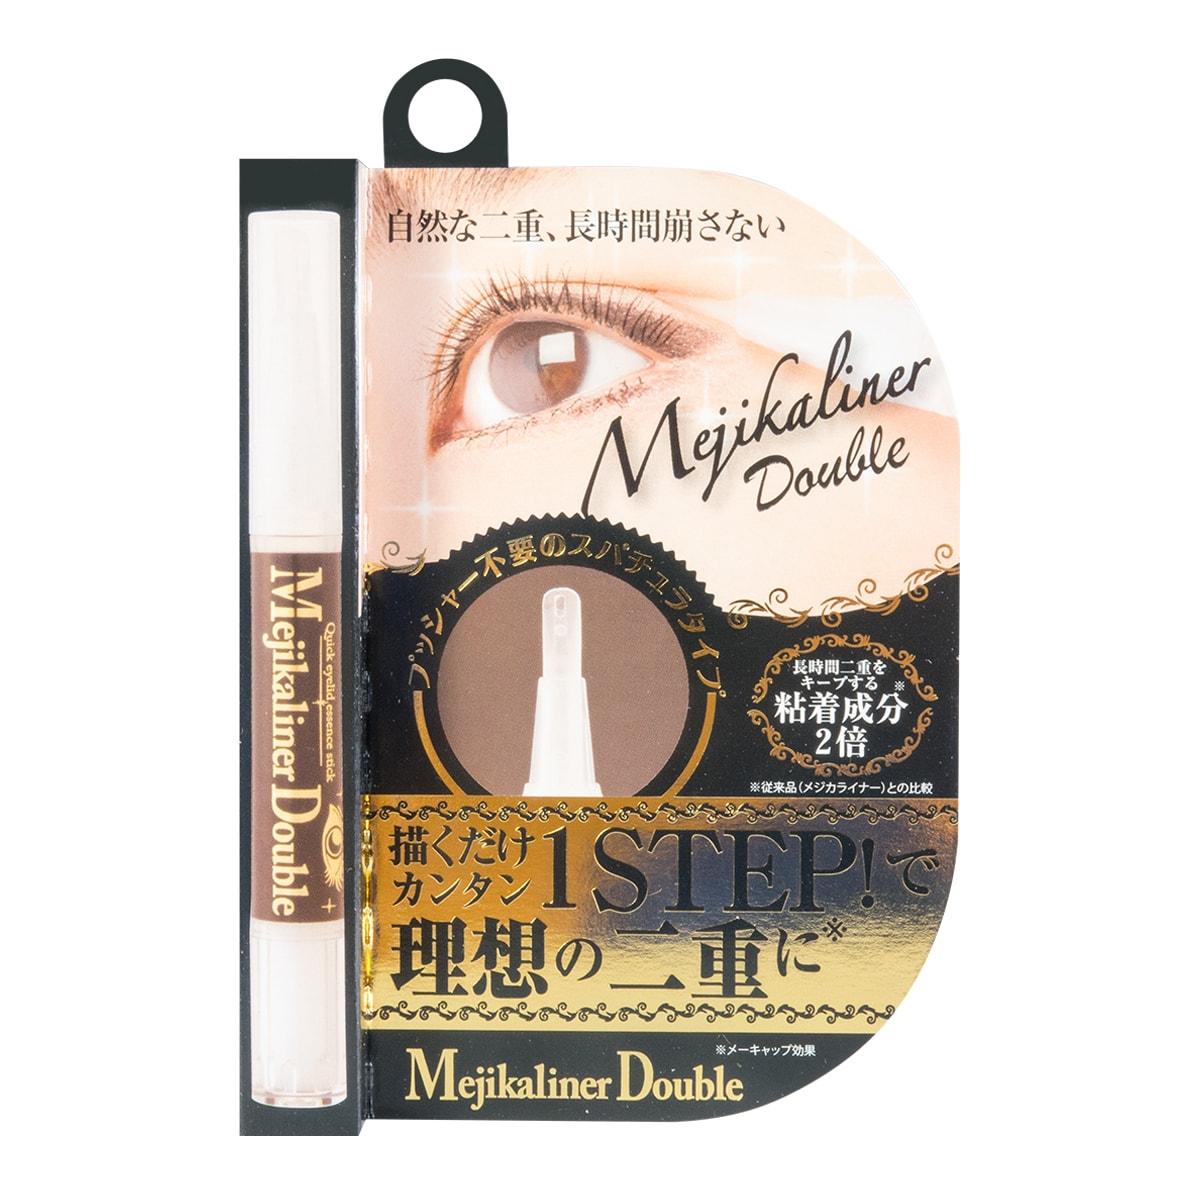 日本MEJIKALINER 双眼皮定型液 双倍黏力型